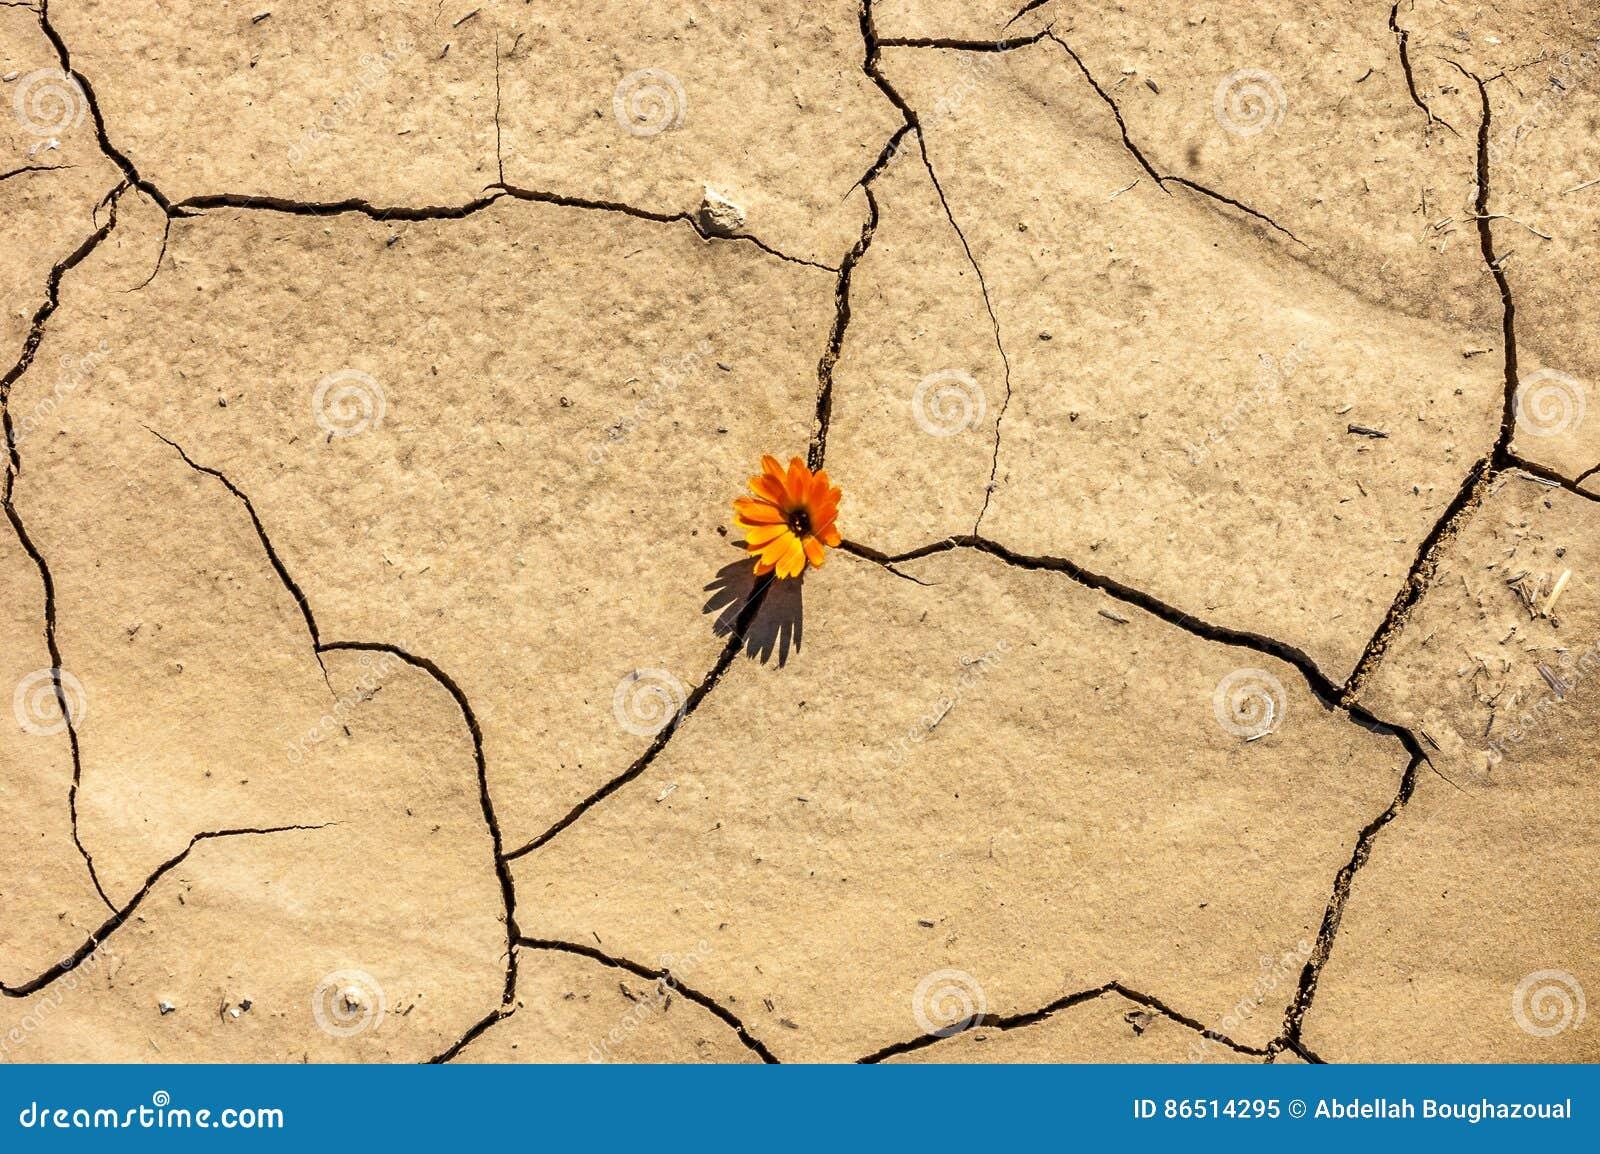 A Flor No Deserto é Margarida Da Terra Seca Imagem De Stock Imagem